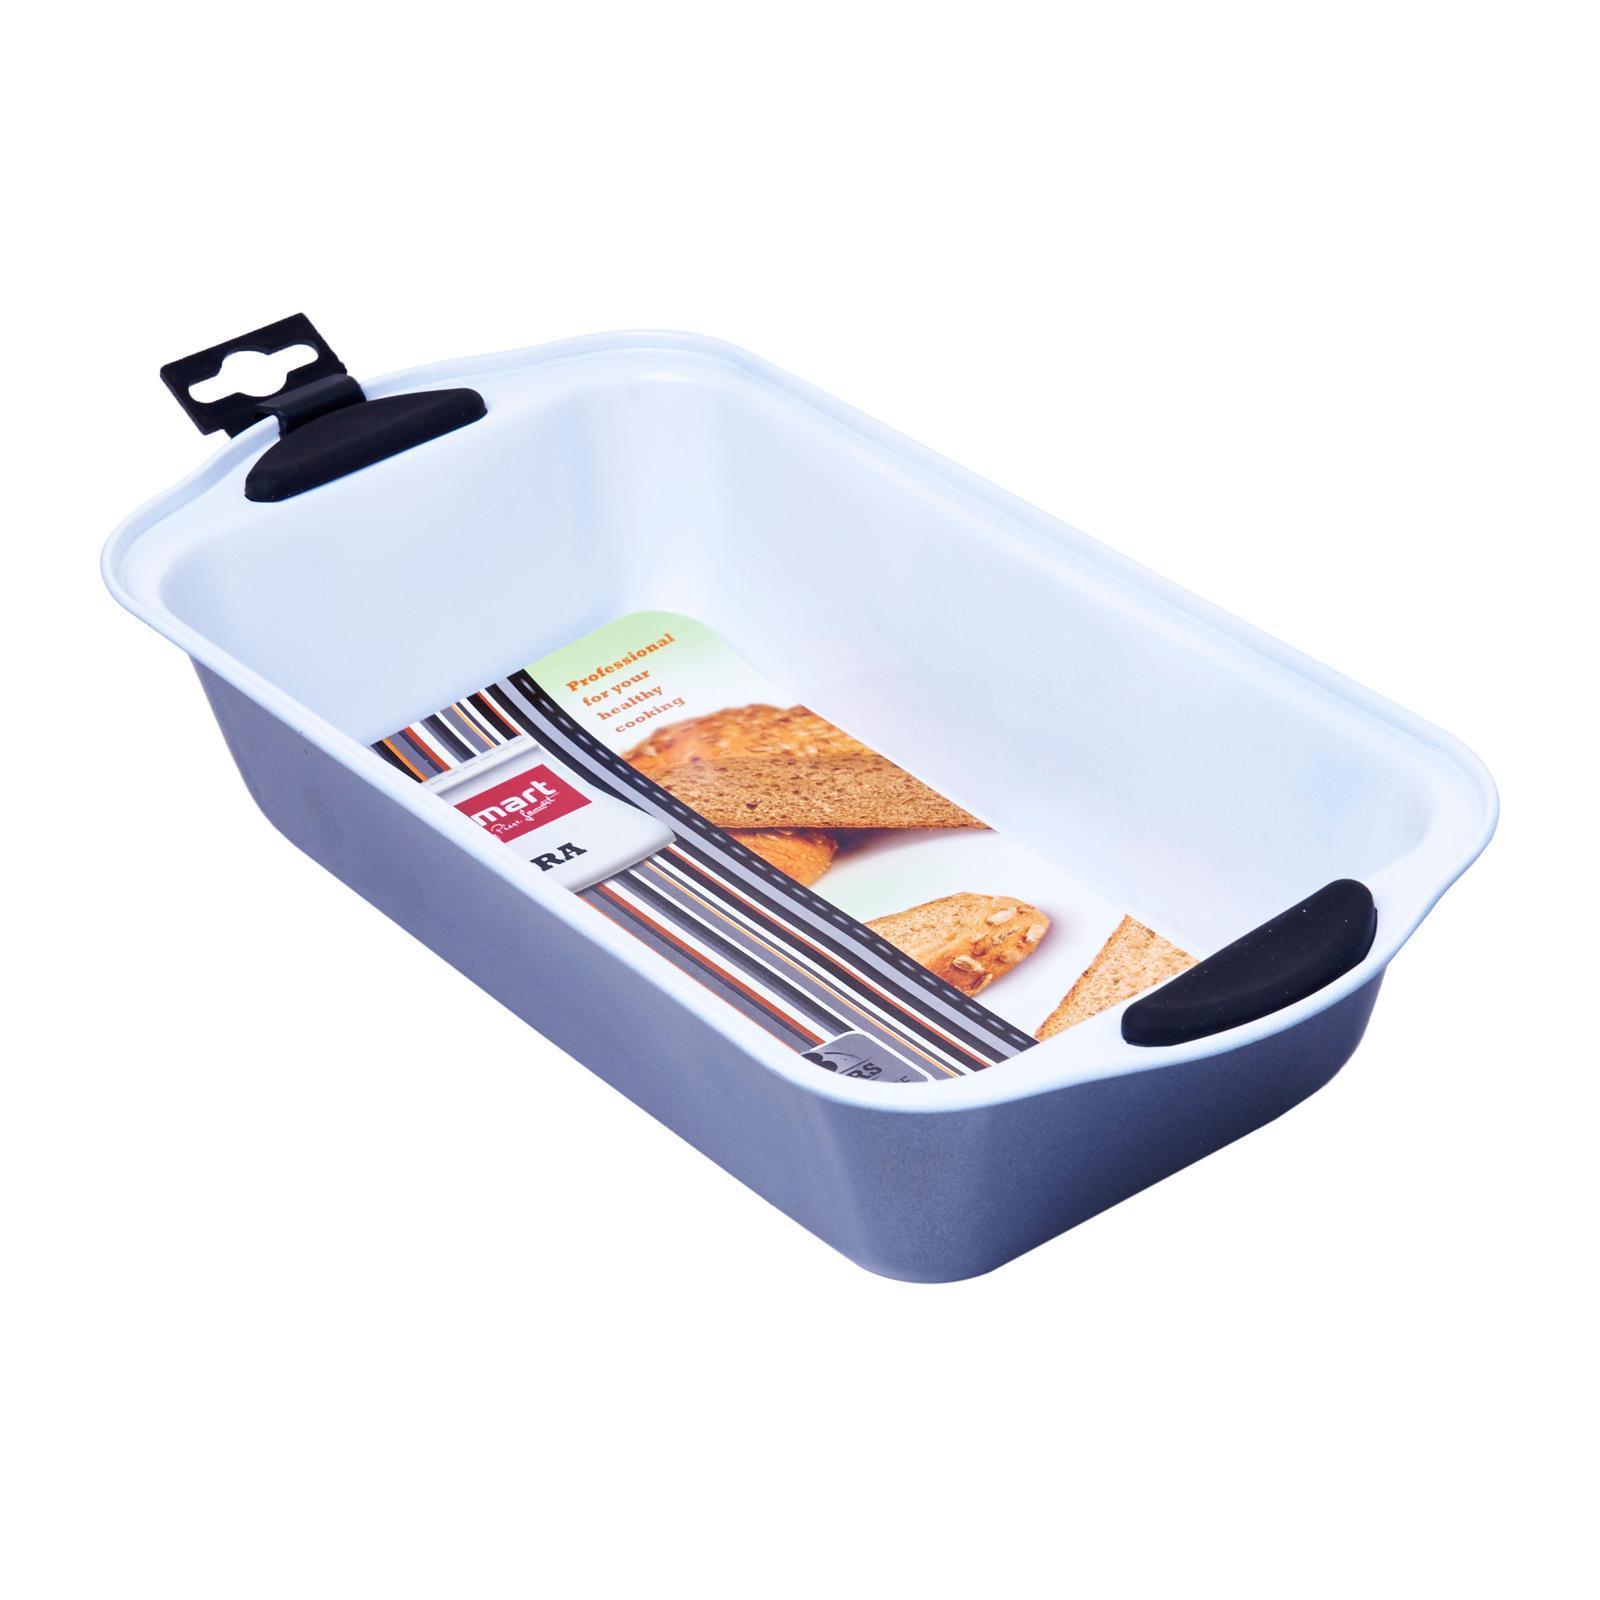 Lamart Ceramic Loaf Pan 29X15X6.5Cm